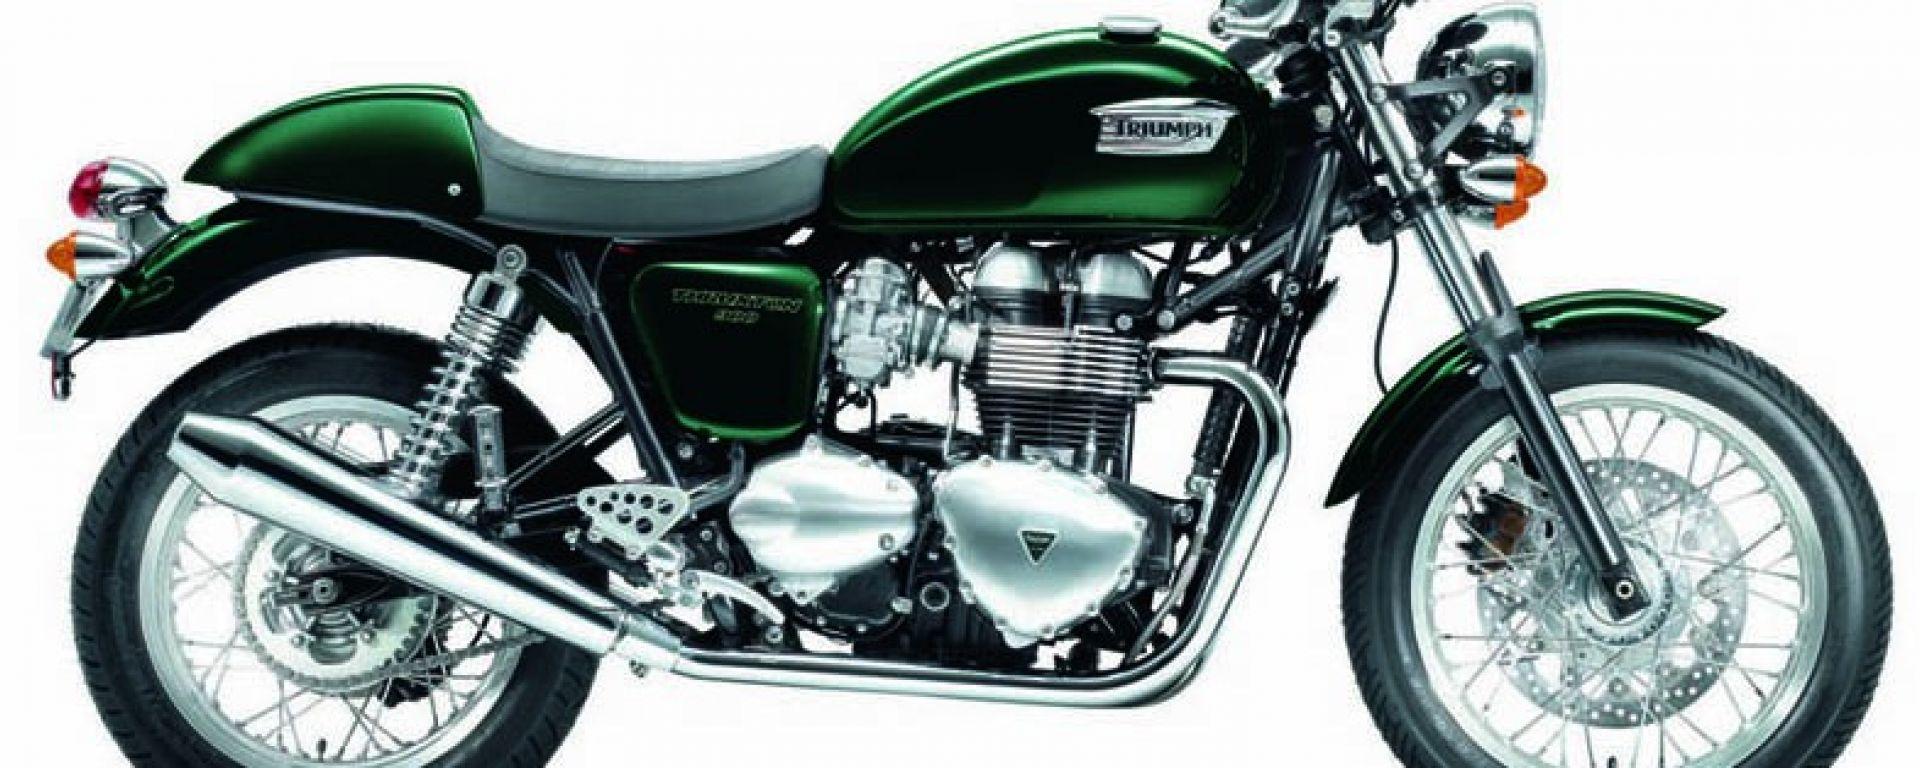 Triumph Classics 2013